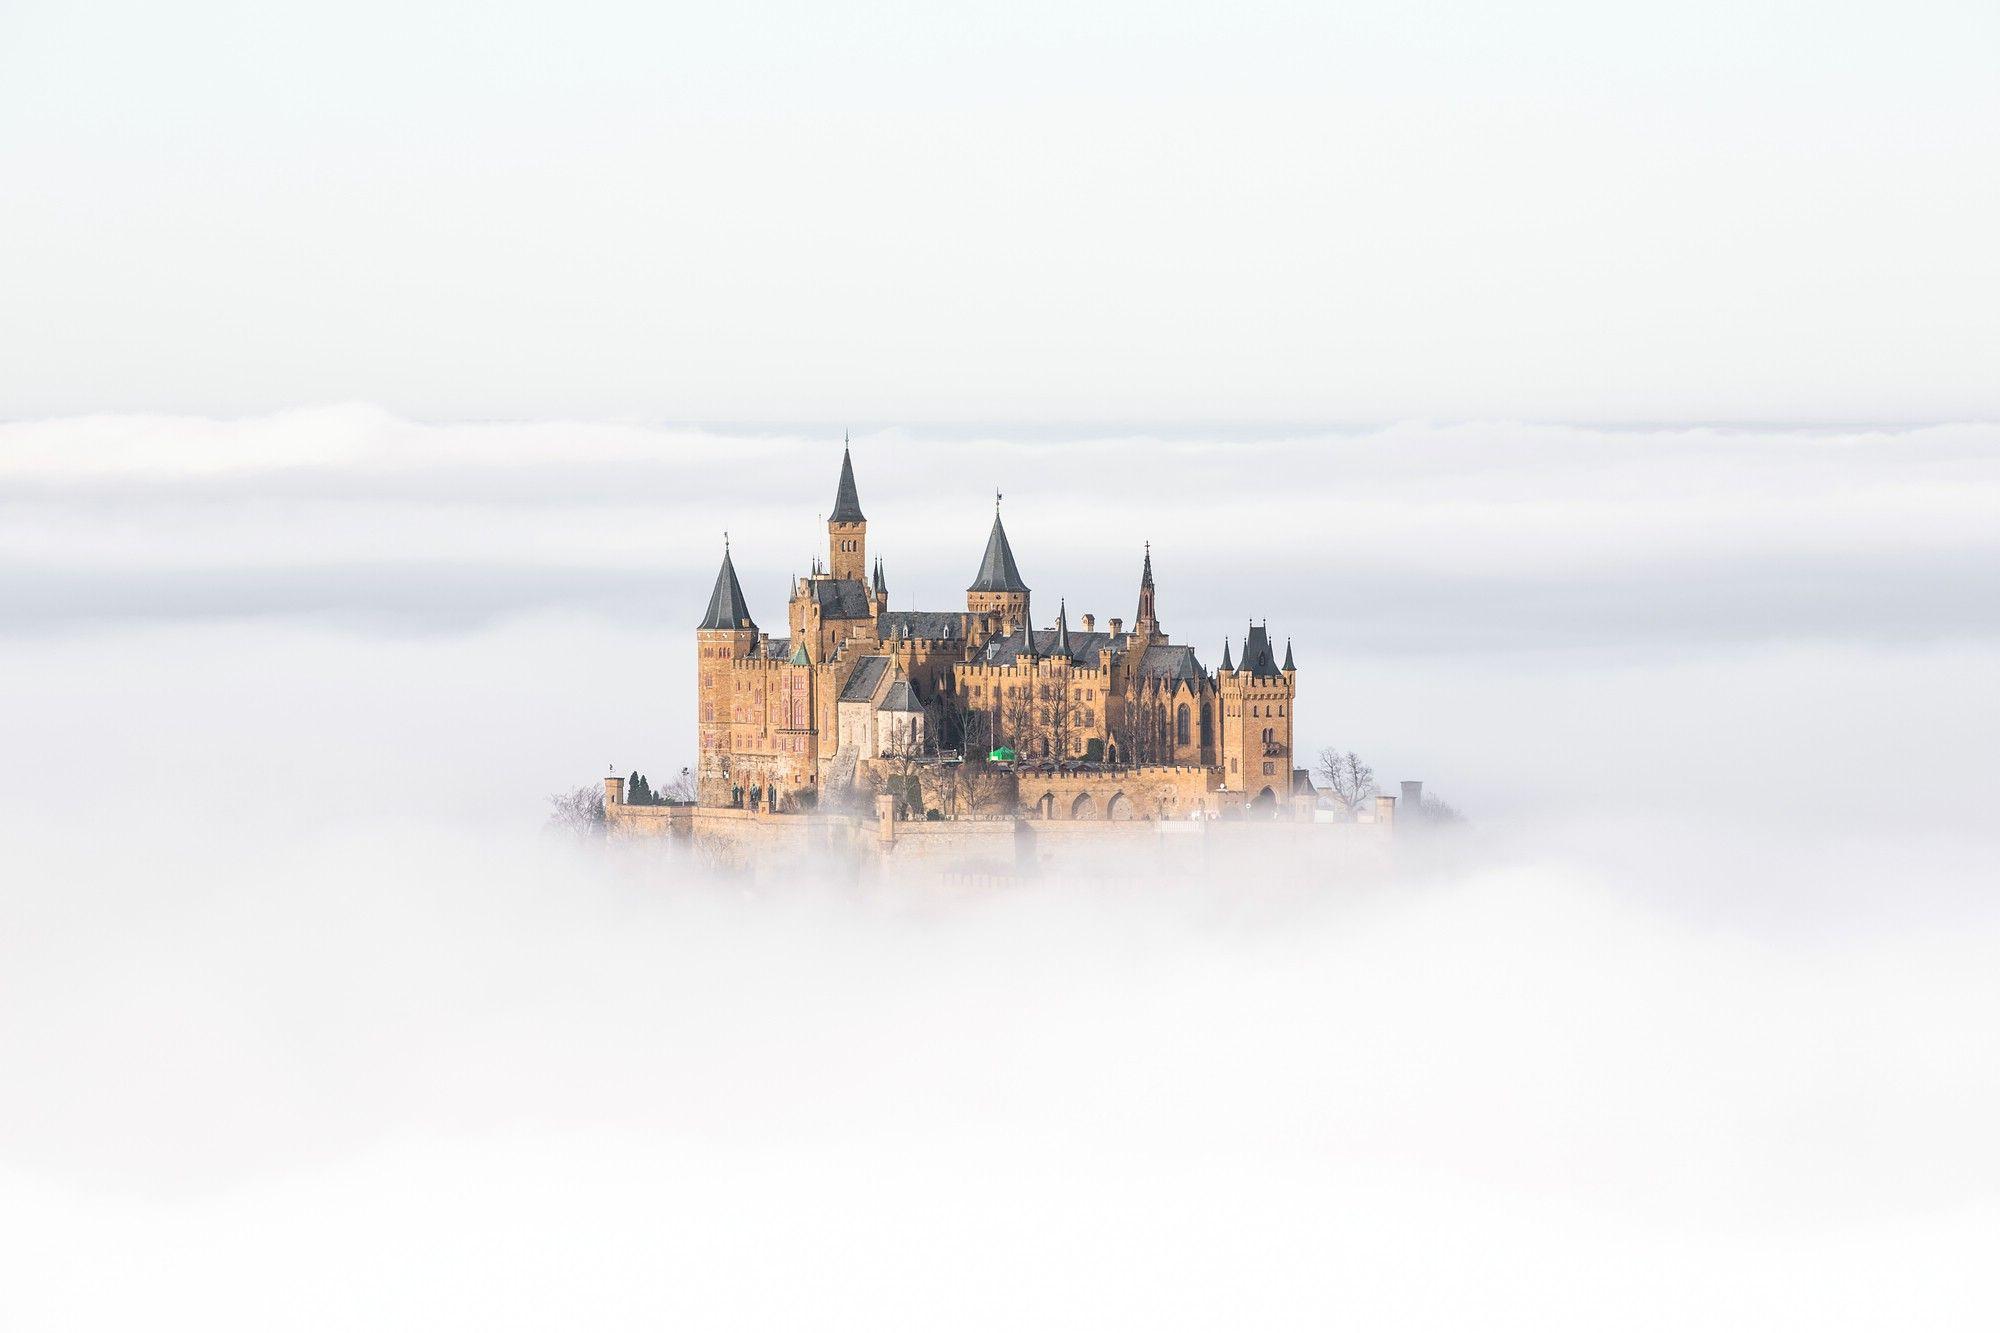 Stuttgart Fotospots Und Ausflugsziele In Der Umgebung Ausflugsziele Ausflug Stuttgart